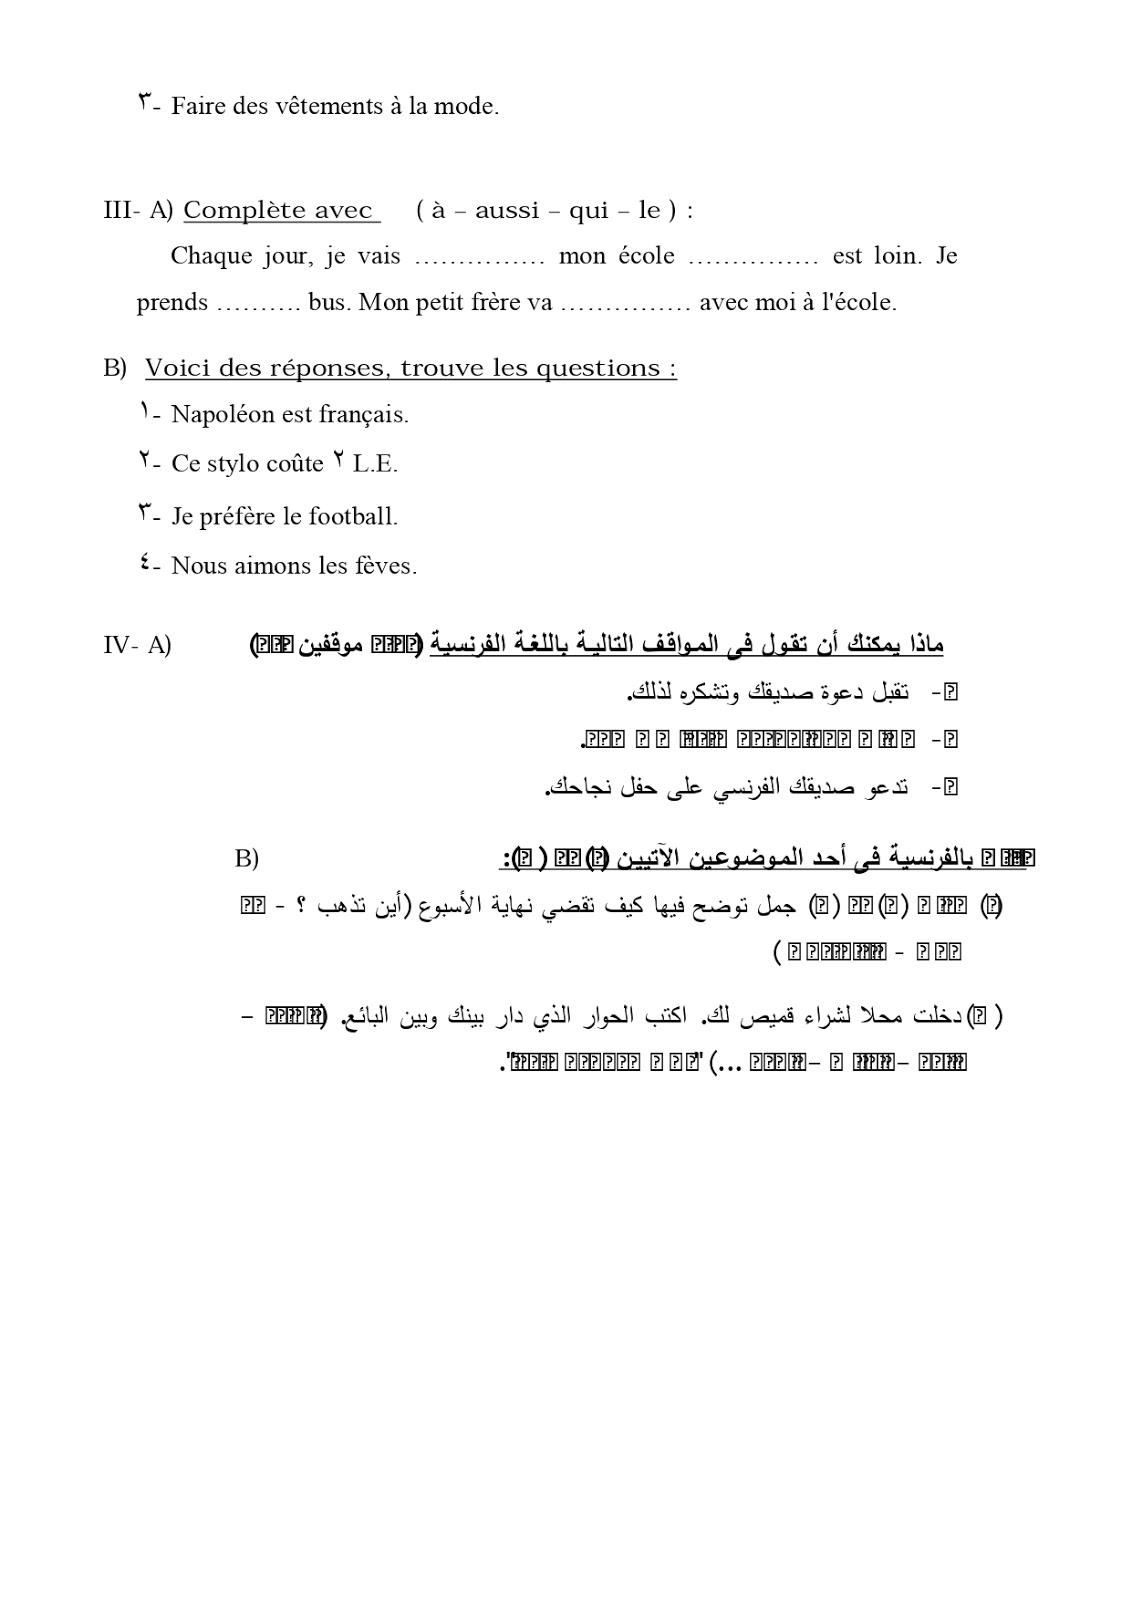 مراجعات ليلة الامتحان في الصف الأول الثانوي 2019 بجميع المواد